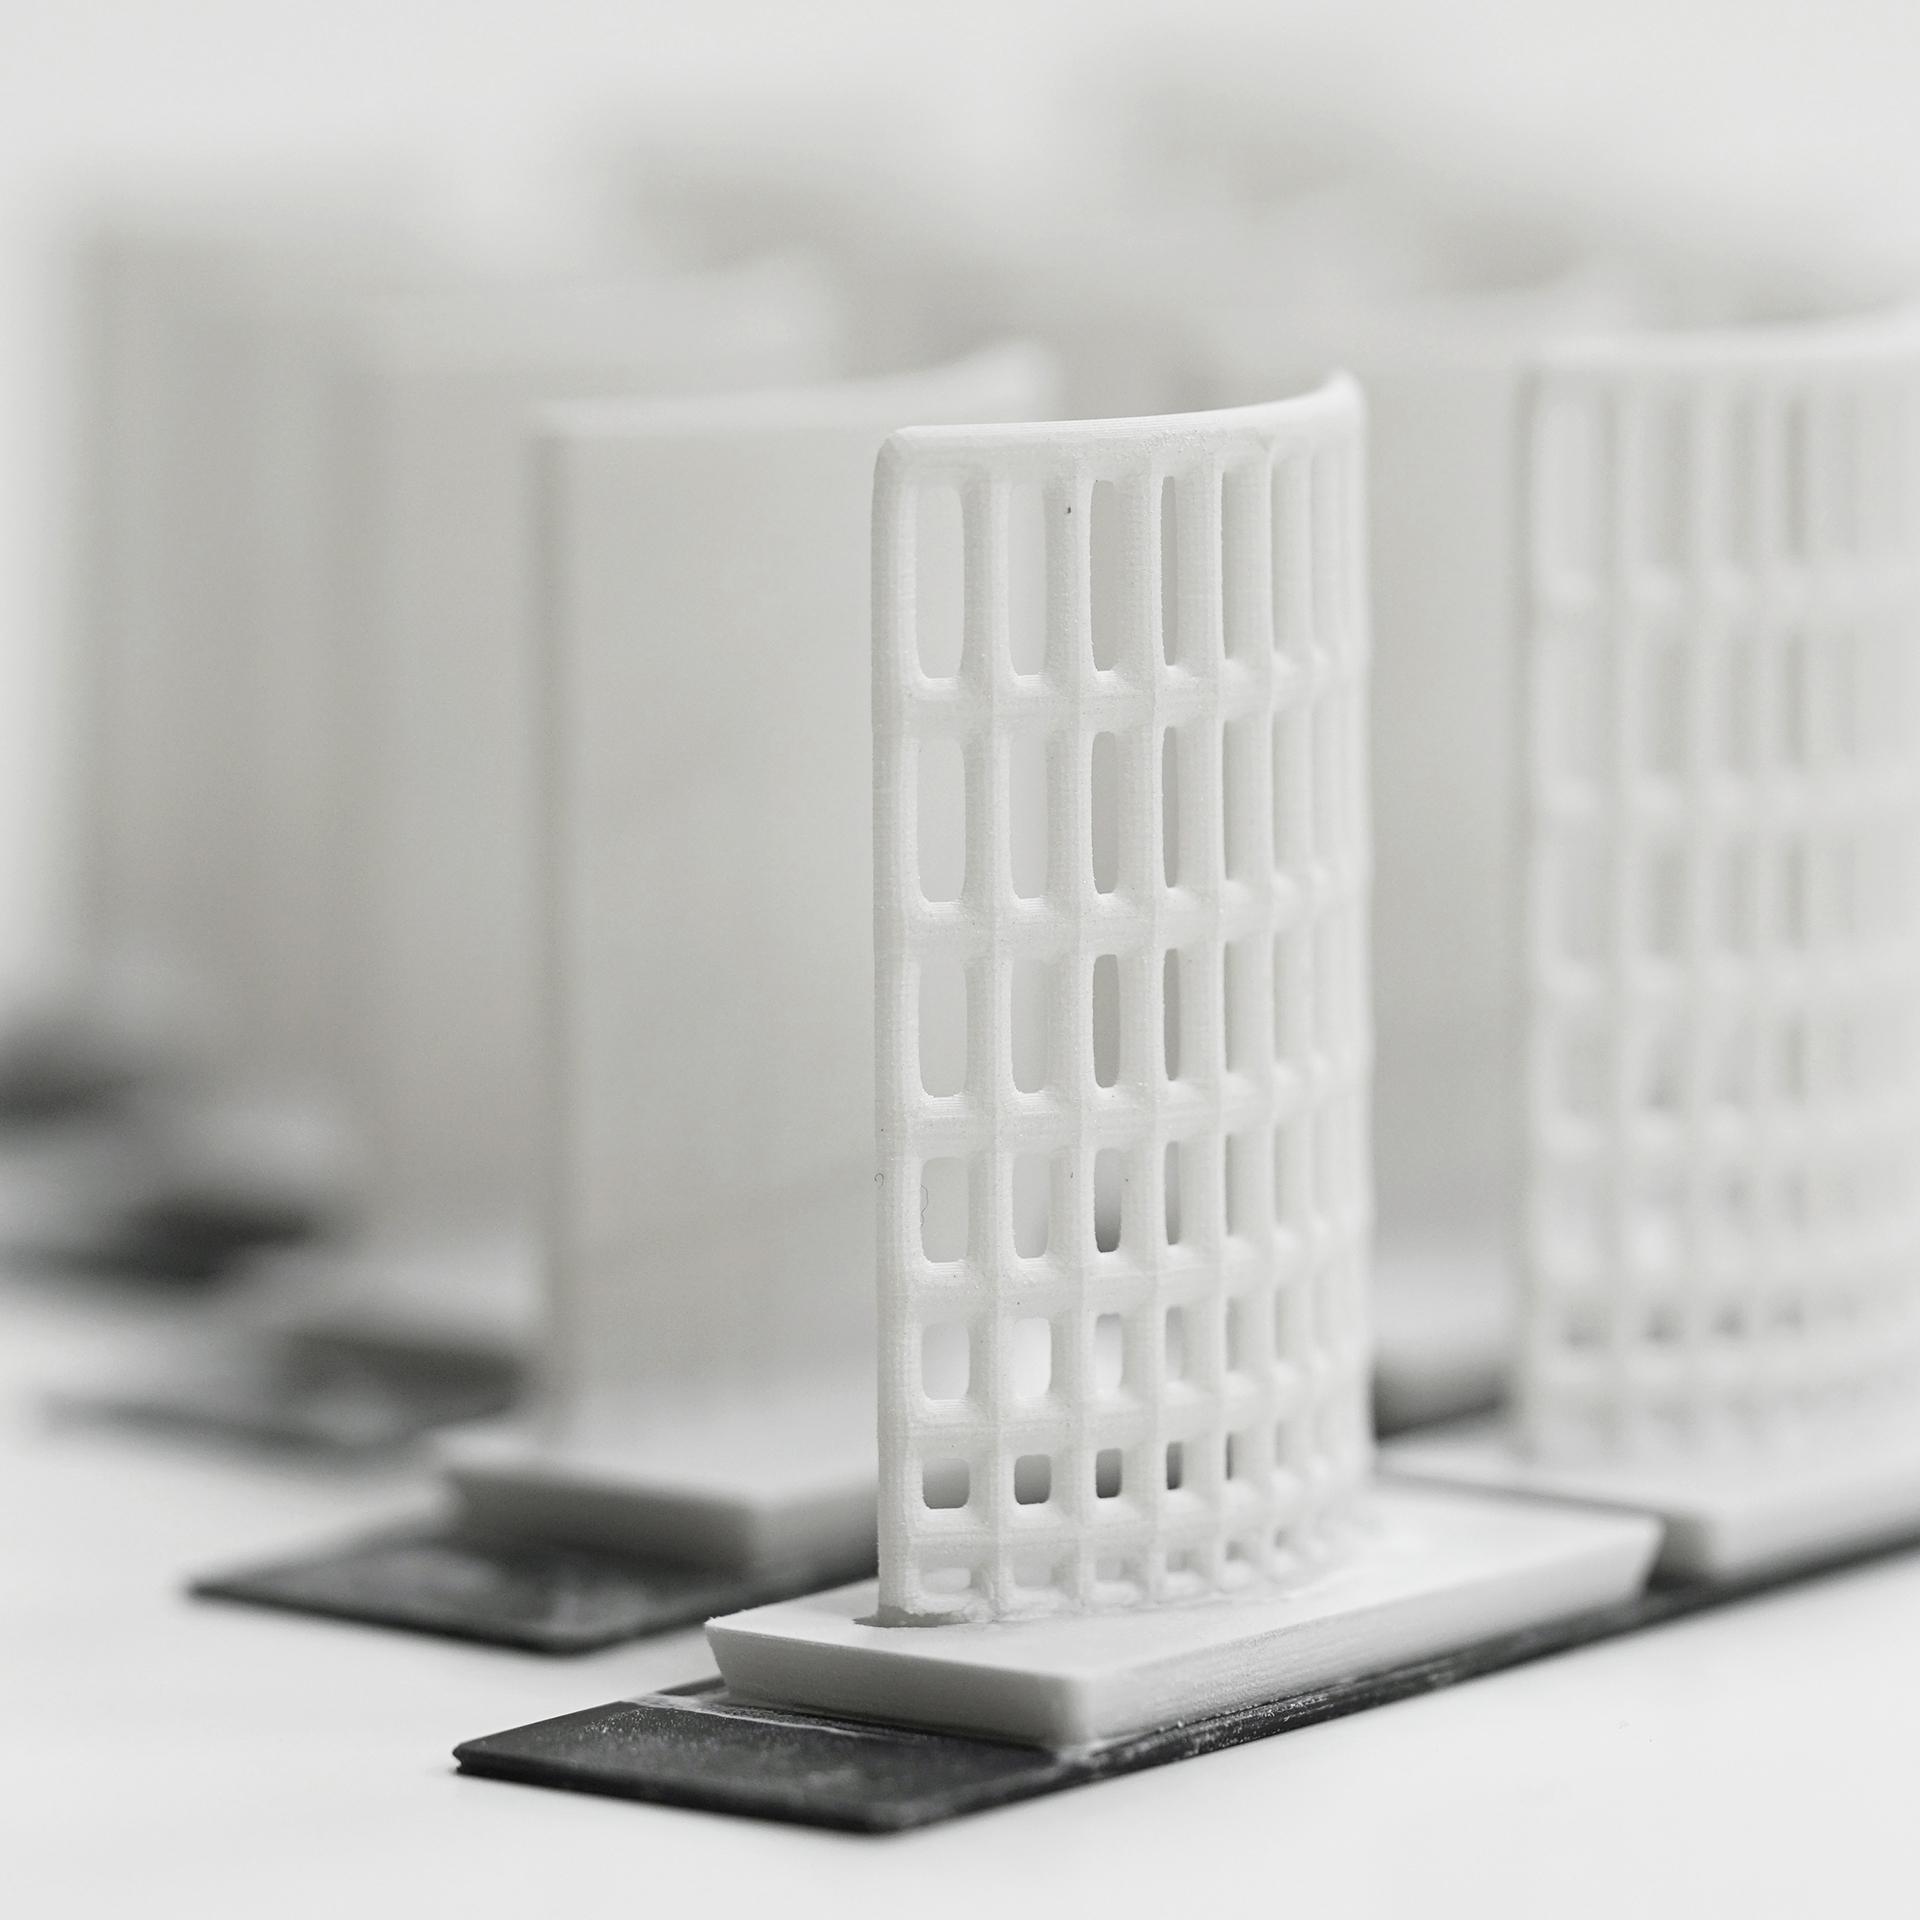 Closeup einer Serie typischer Probekörper für Glasurtests, aufrechtstehende leicht gekrümmte längliche Scheiben, teilweise mit Perforation